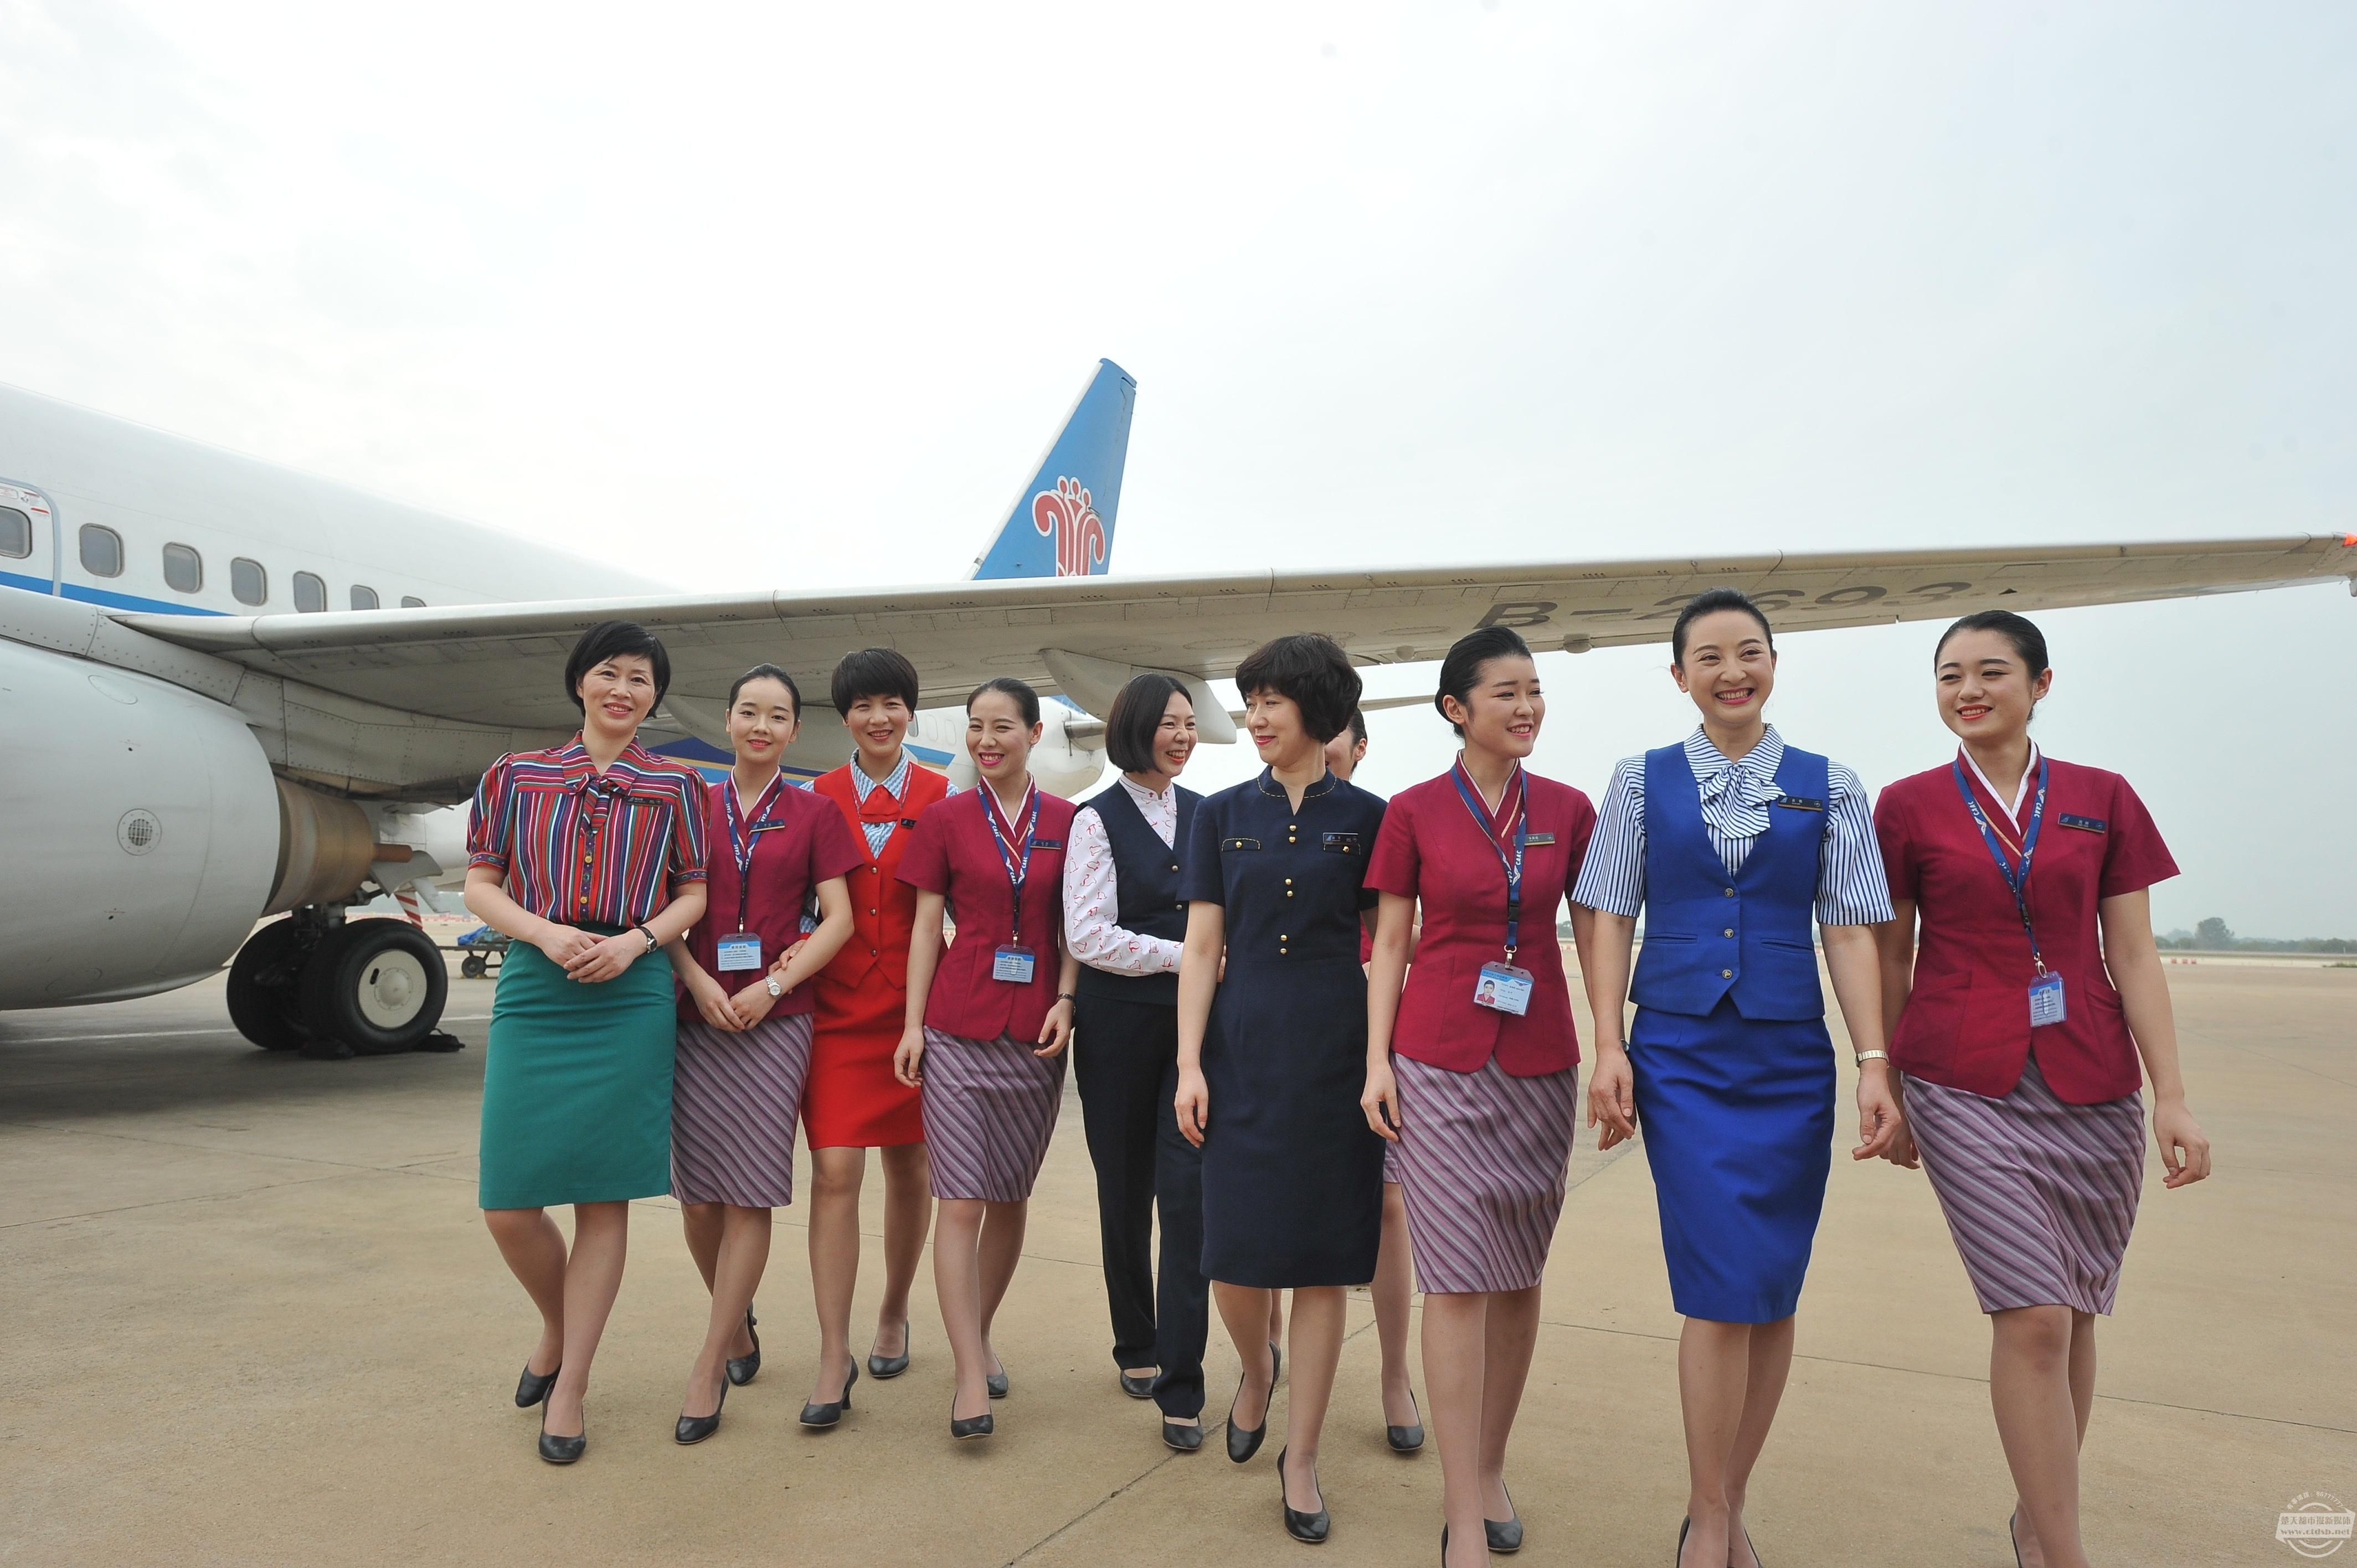 南航空姐玩 穿越 5代制服齐亮相图片